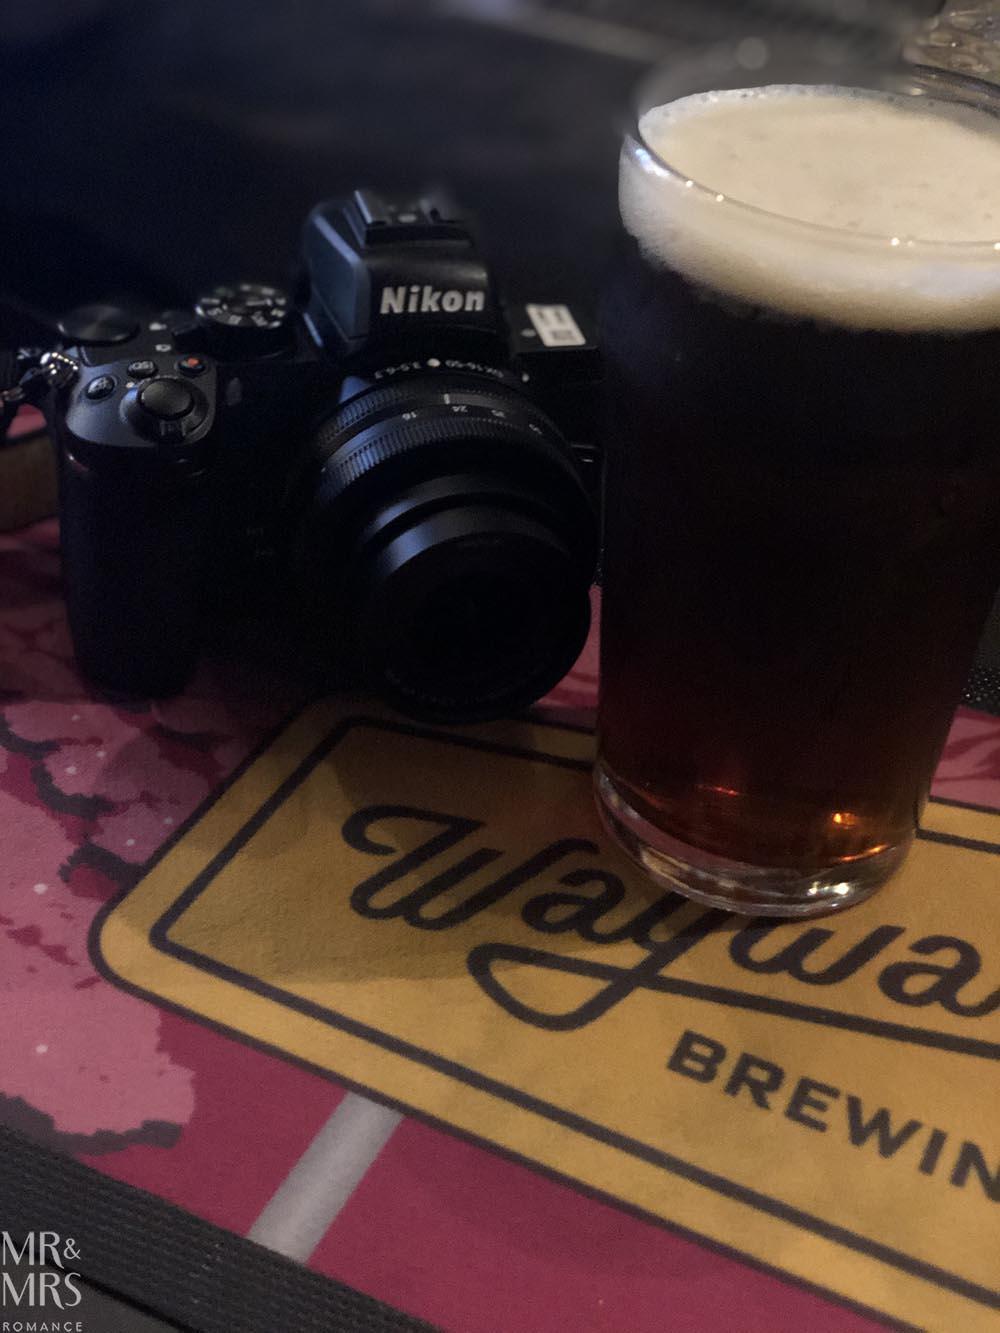 Nikon Z50 launch at Wayward Brewery, Sydney